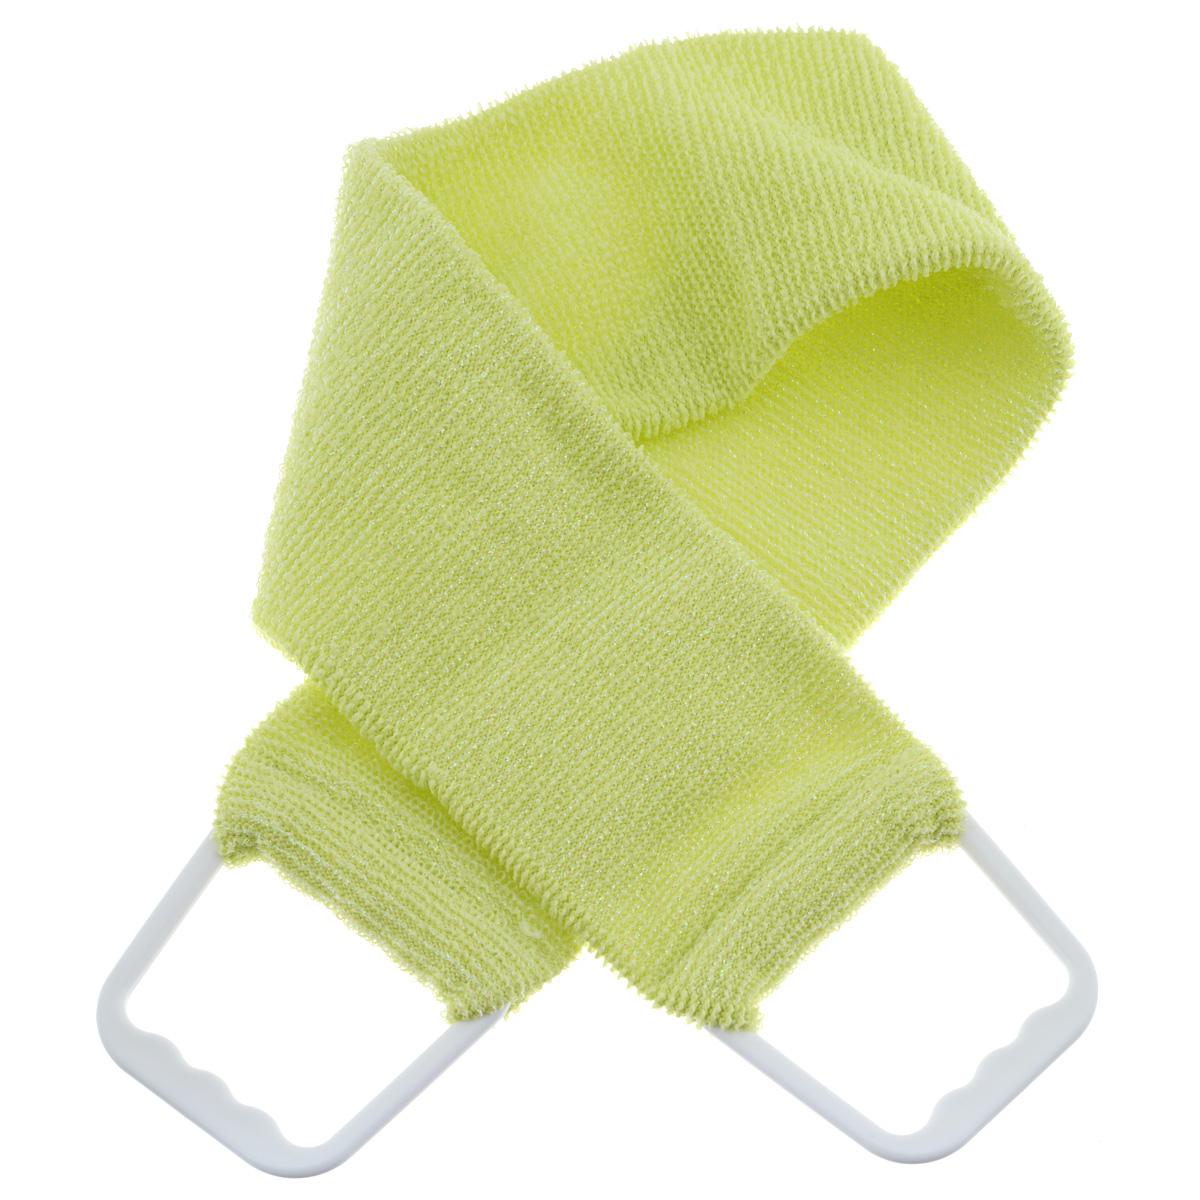 Мочалка 927, цвет: желтыйRN-0009-3271-5Двухсторонняя мочалка-пояс Riffi применяется для мытья тела, отлично действует как пилинговое средство, тонизируя, массируя и эффективно очищая вашу кожу. Мягкой стороной хорошо намыливать тело и наносить косметические средства после душа. Жесткую (с люрексом) сторону пояса используют для легкого пилинга и массажа кожи. Для удобства применения пояс снабжен двумя пластиковыми ручками. Благодаря отшелушивающему эффекту мочалки-пояса, кожа освобождается от отмерших клеток, становится гладкой, упругой и свежей. Интенсивный и пощипывающе свежий массаж тела с применением Riffi стимулирует кровообращение, активирует кровоснабжение, способствует обмену веществ, что в свою очередь позволяет себя чувствовать бодрым и отдохнувшим после принятия душа или ванны. Riffi регенерирует кожу, делает ее приятно нежной, мягкой и лучше готовой к принятию косметических средств. Приносит приятное расслабление всему организму. Борется со спазмами и болями в мышцах, предупреждает образование целлюлита и обеспечивает омолаживающий эффект. Гипоаллергенная.